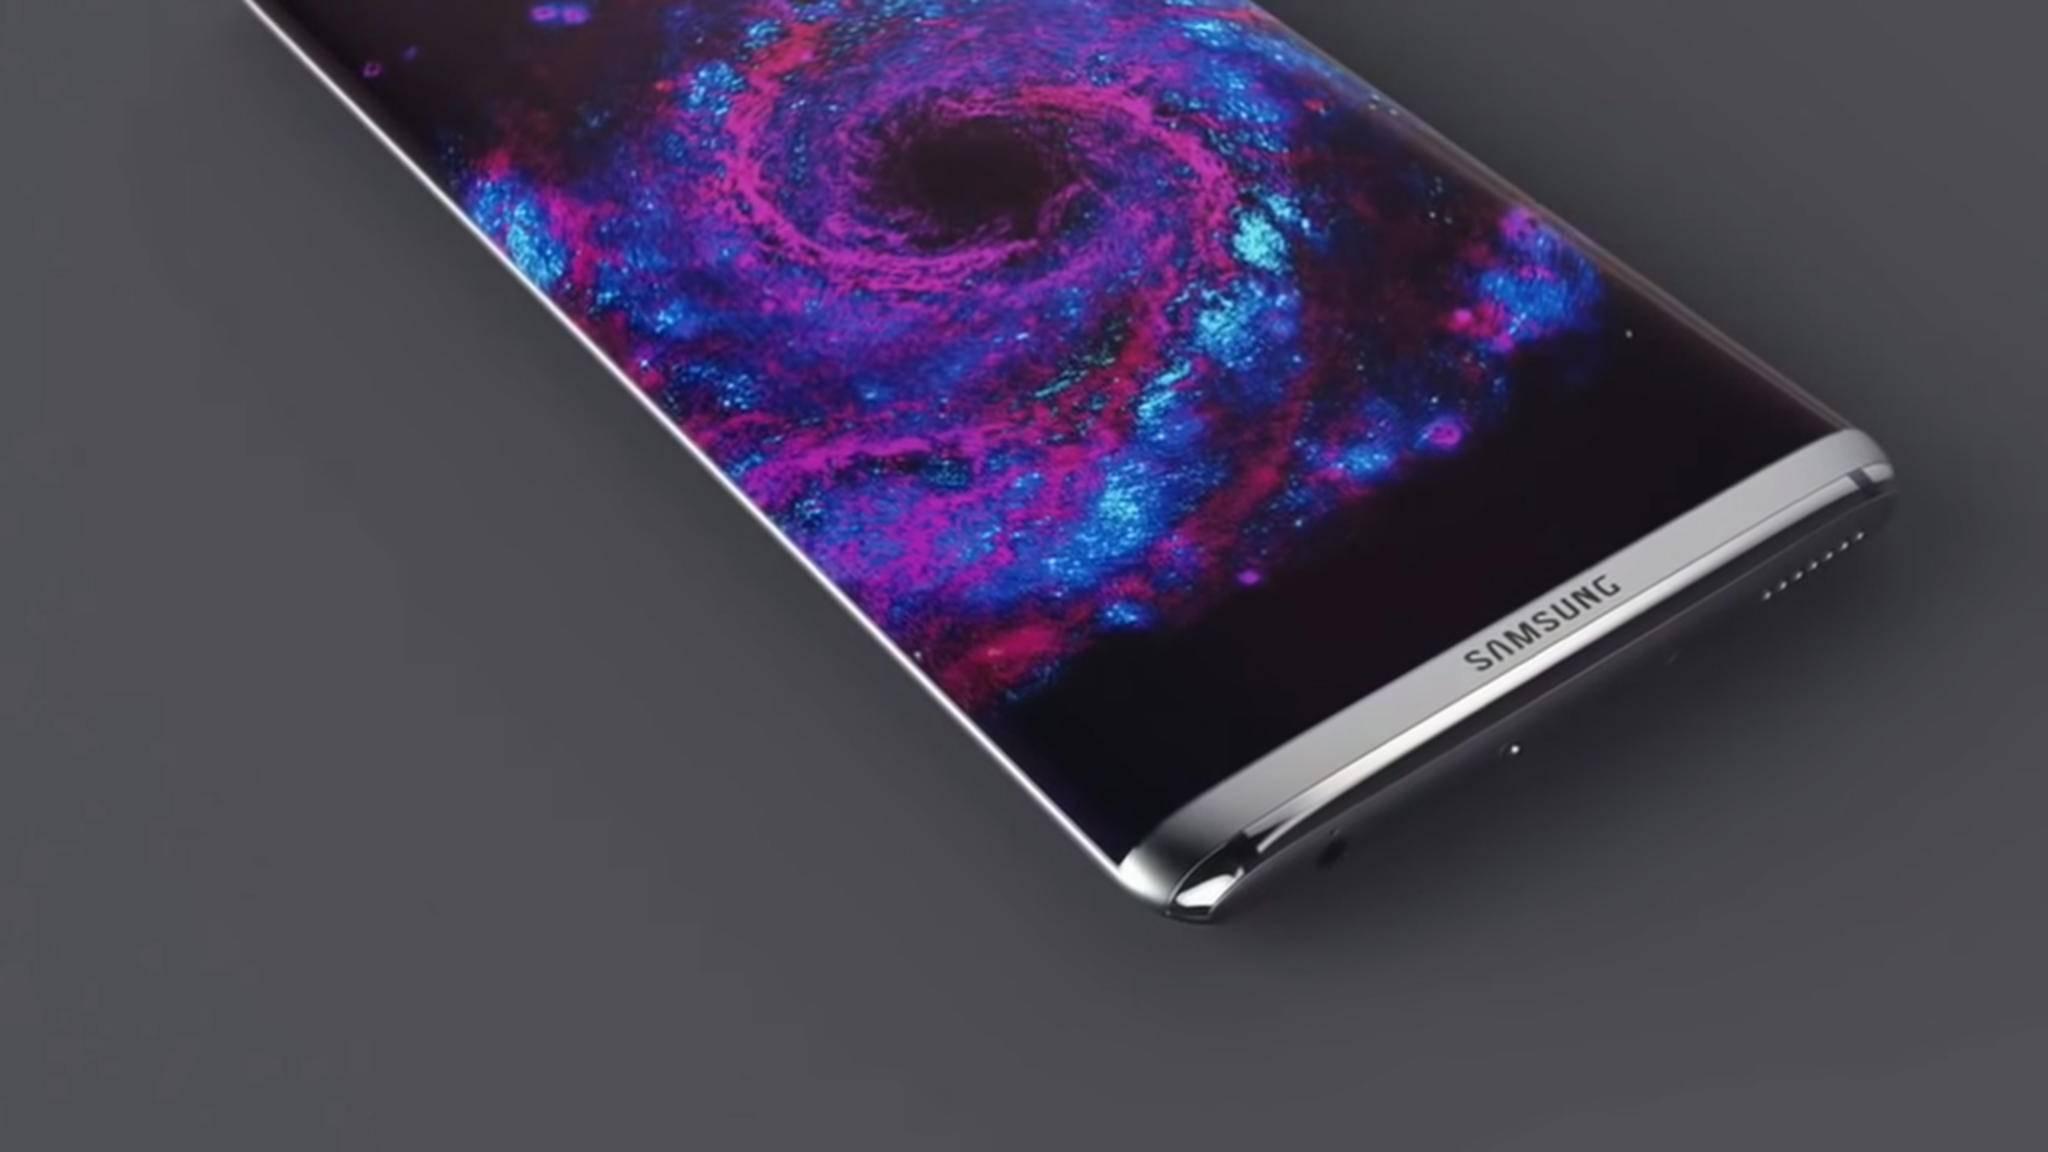 Das Galaxy S8 könnte erst im April 2017 enthüllt werden.